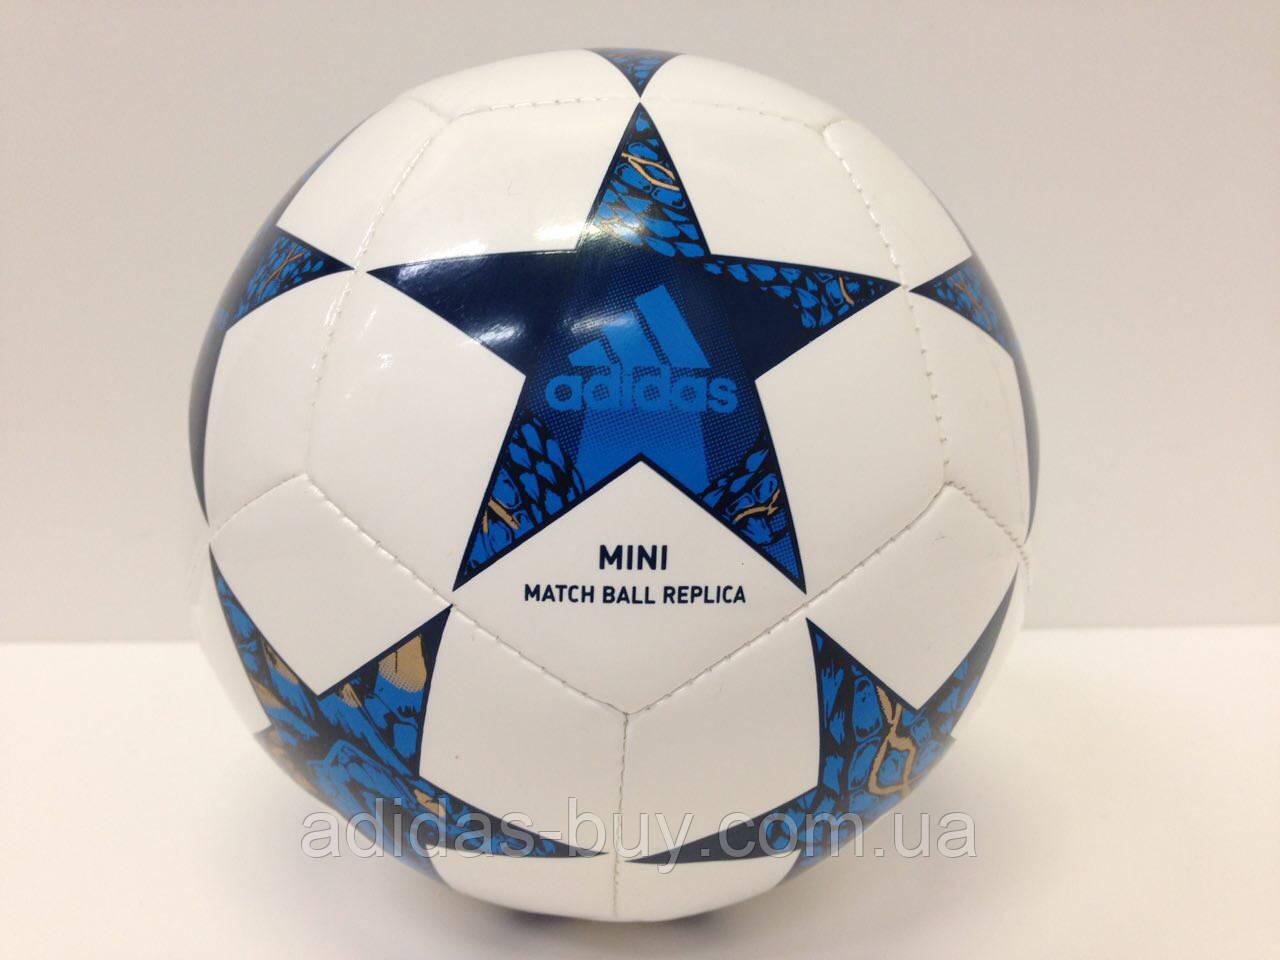 Оригинальный Футбольный мини мяч adidas FINALE CDF AZ9608 Размер  1 20cf1d9136703